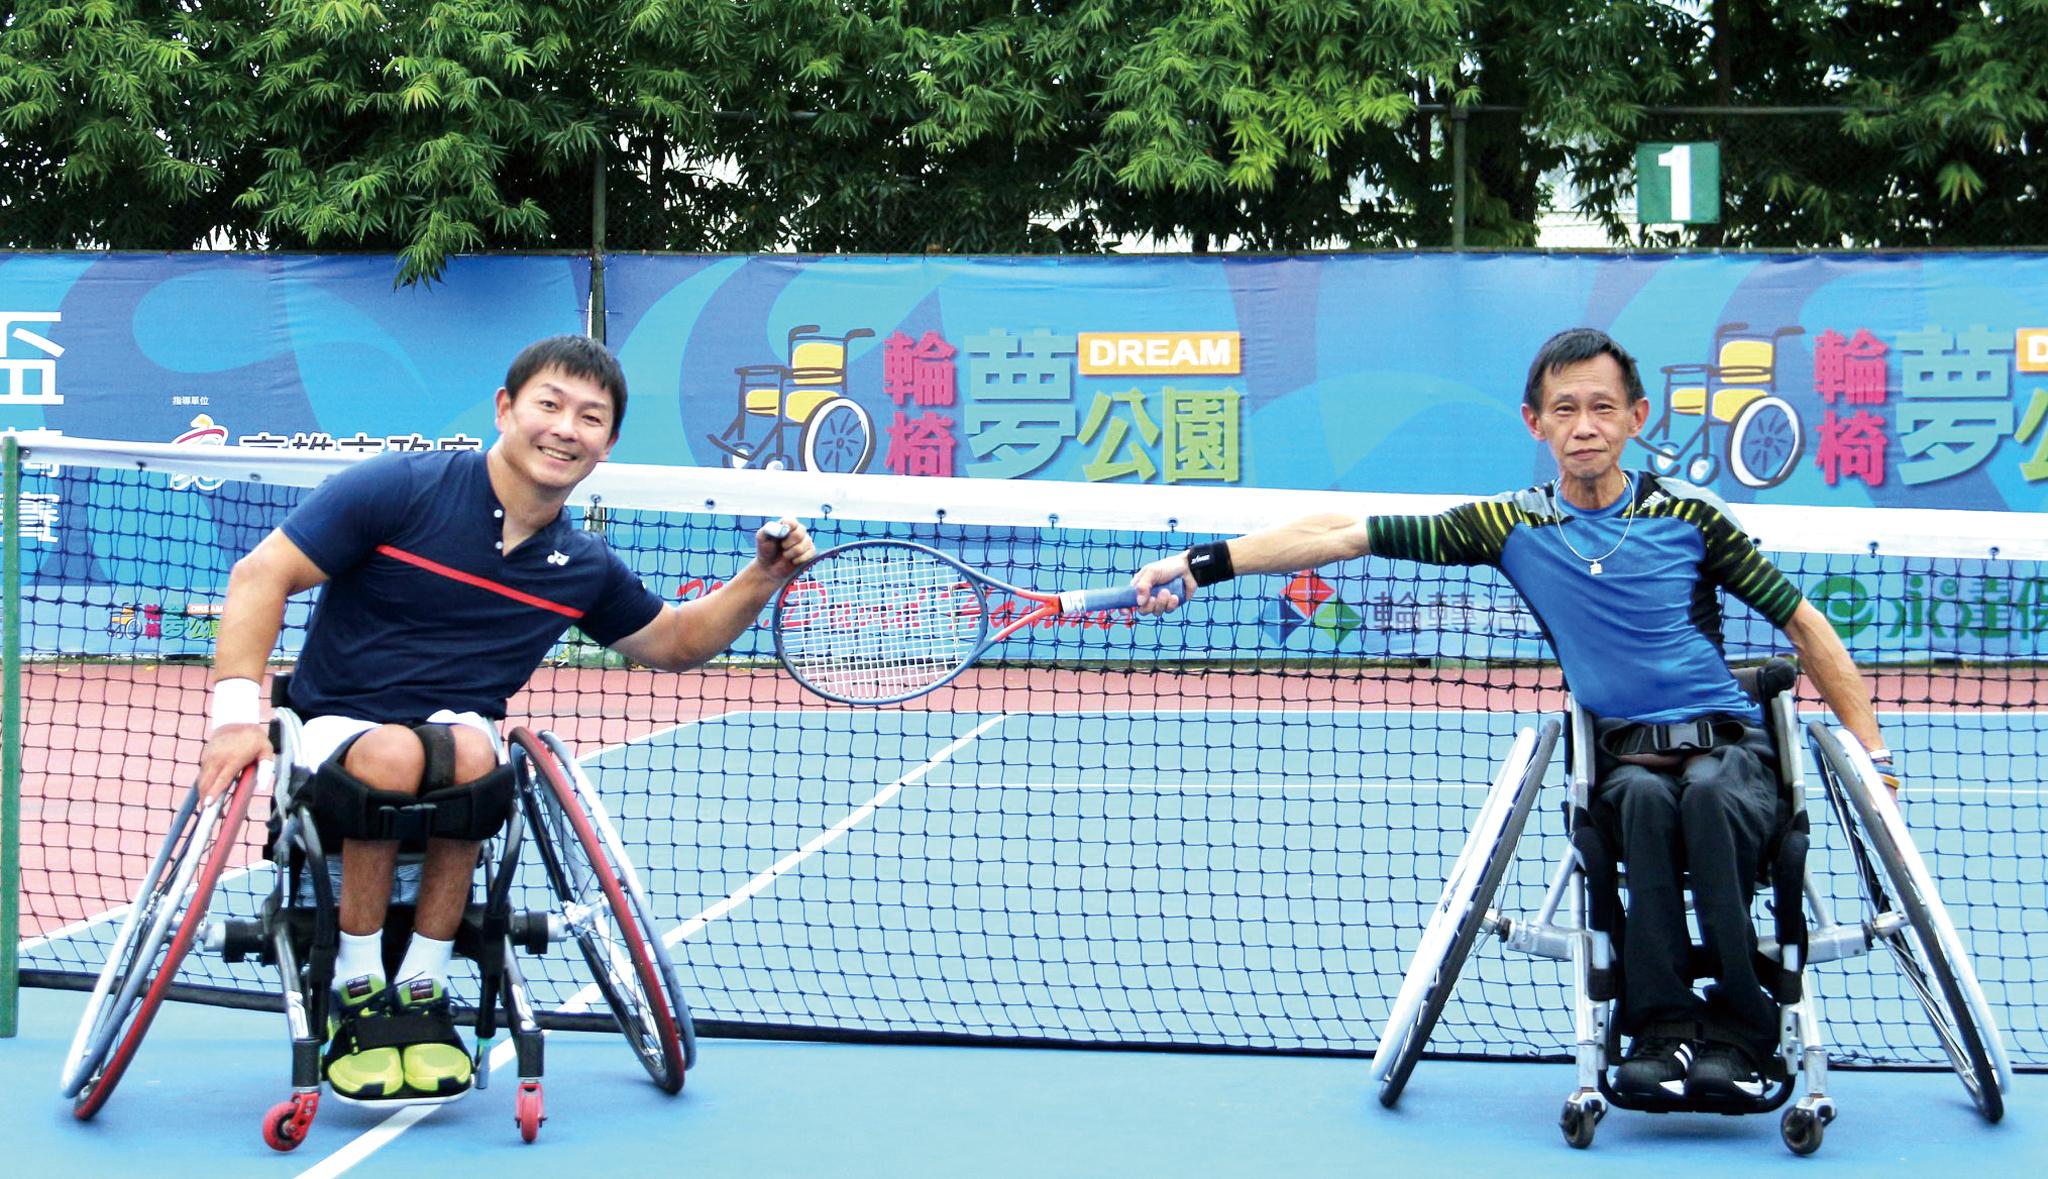 這是高雄史上最高規格的身心障礙國際性賽會,選手角逐各個級別的冠軍獎座,爭取積分。